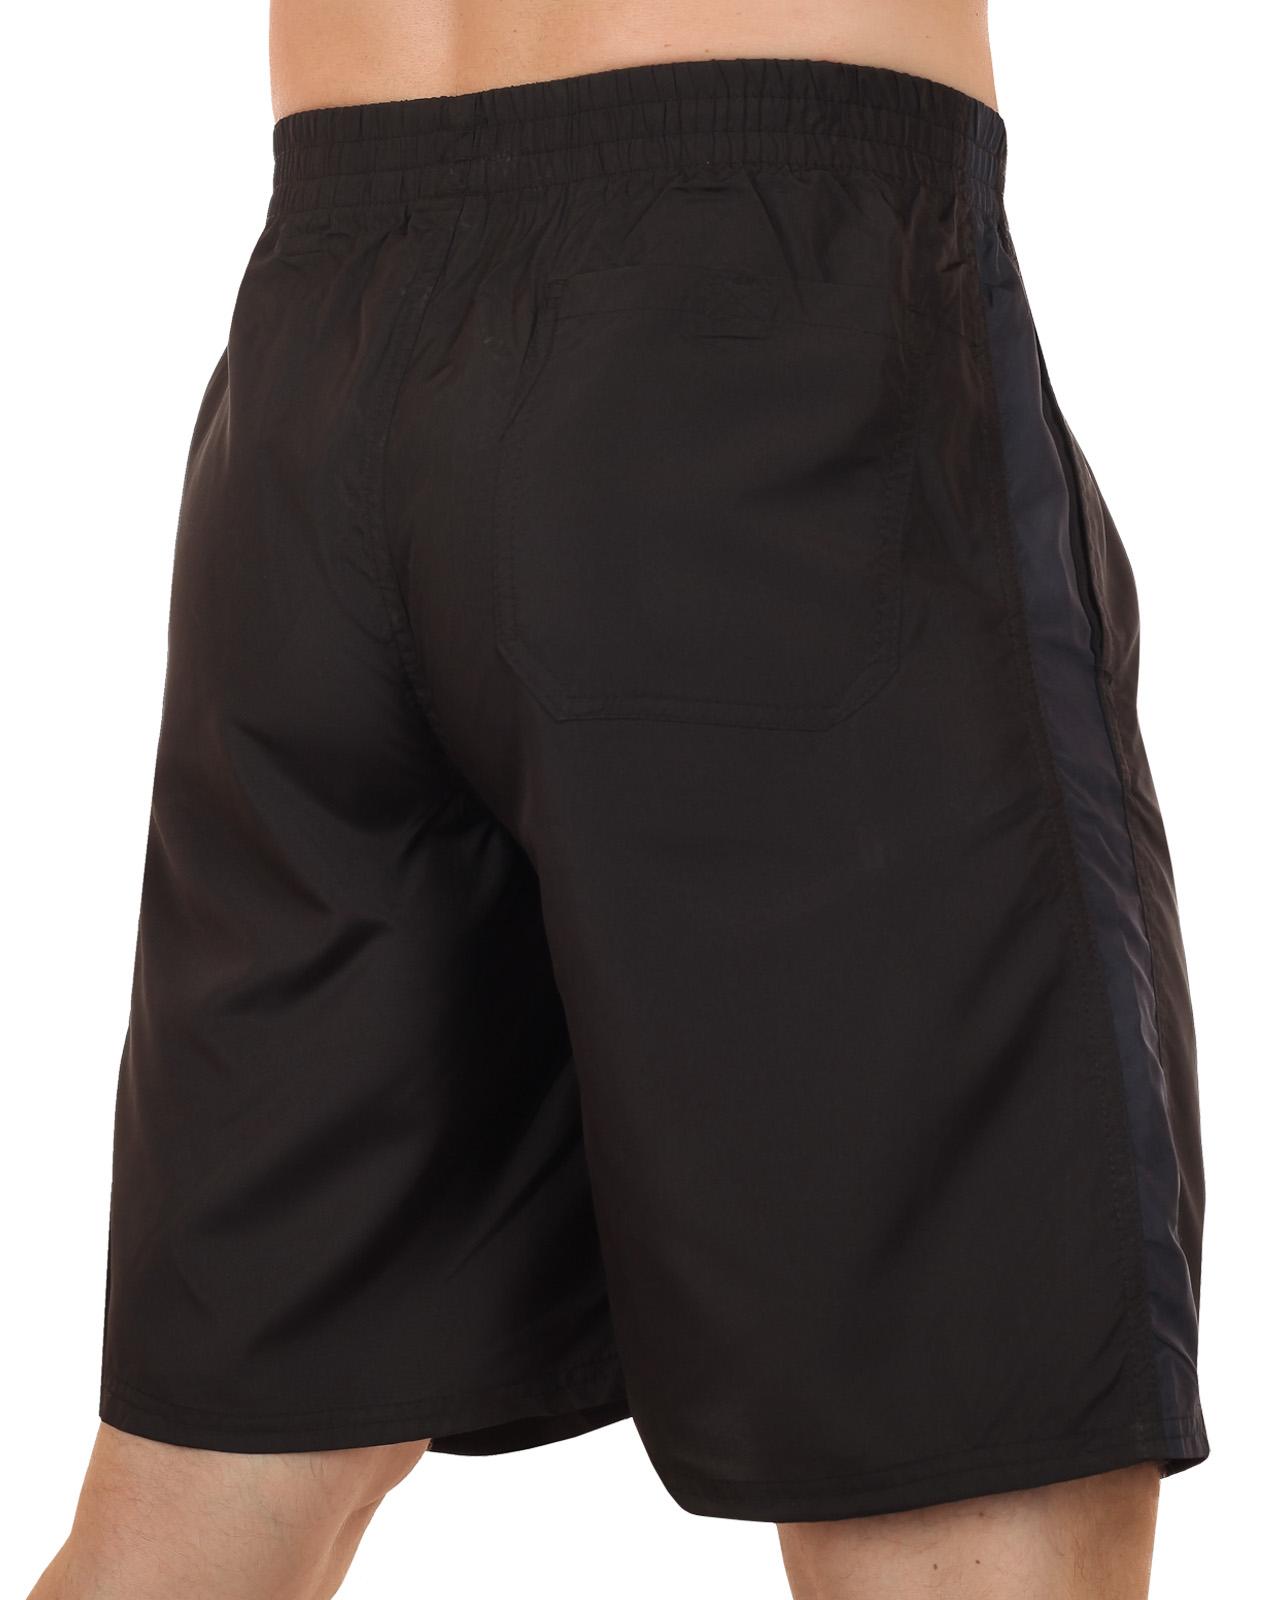 Пацанские шорты на лето от MACE по выгодной цене